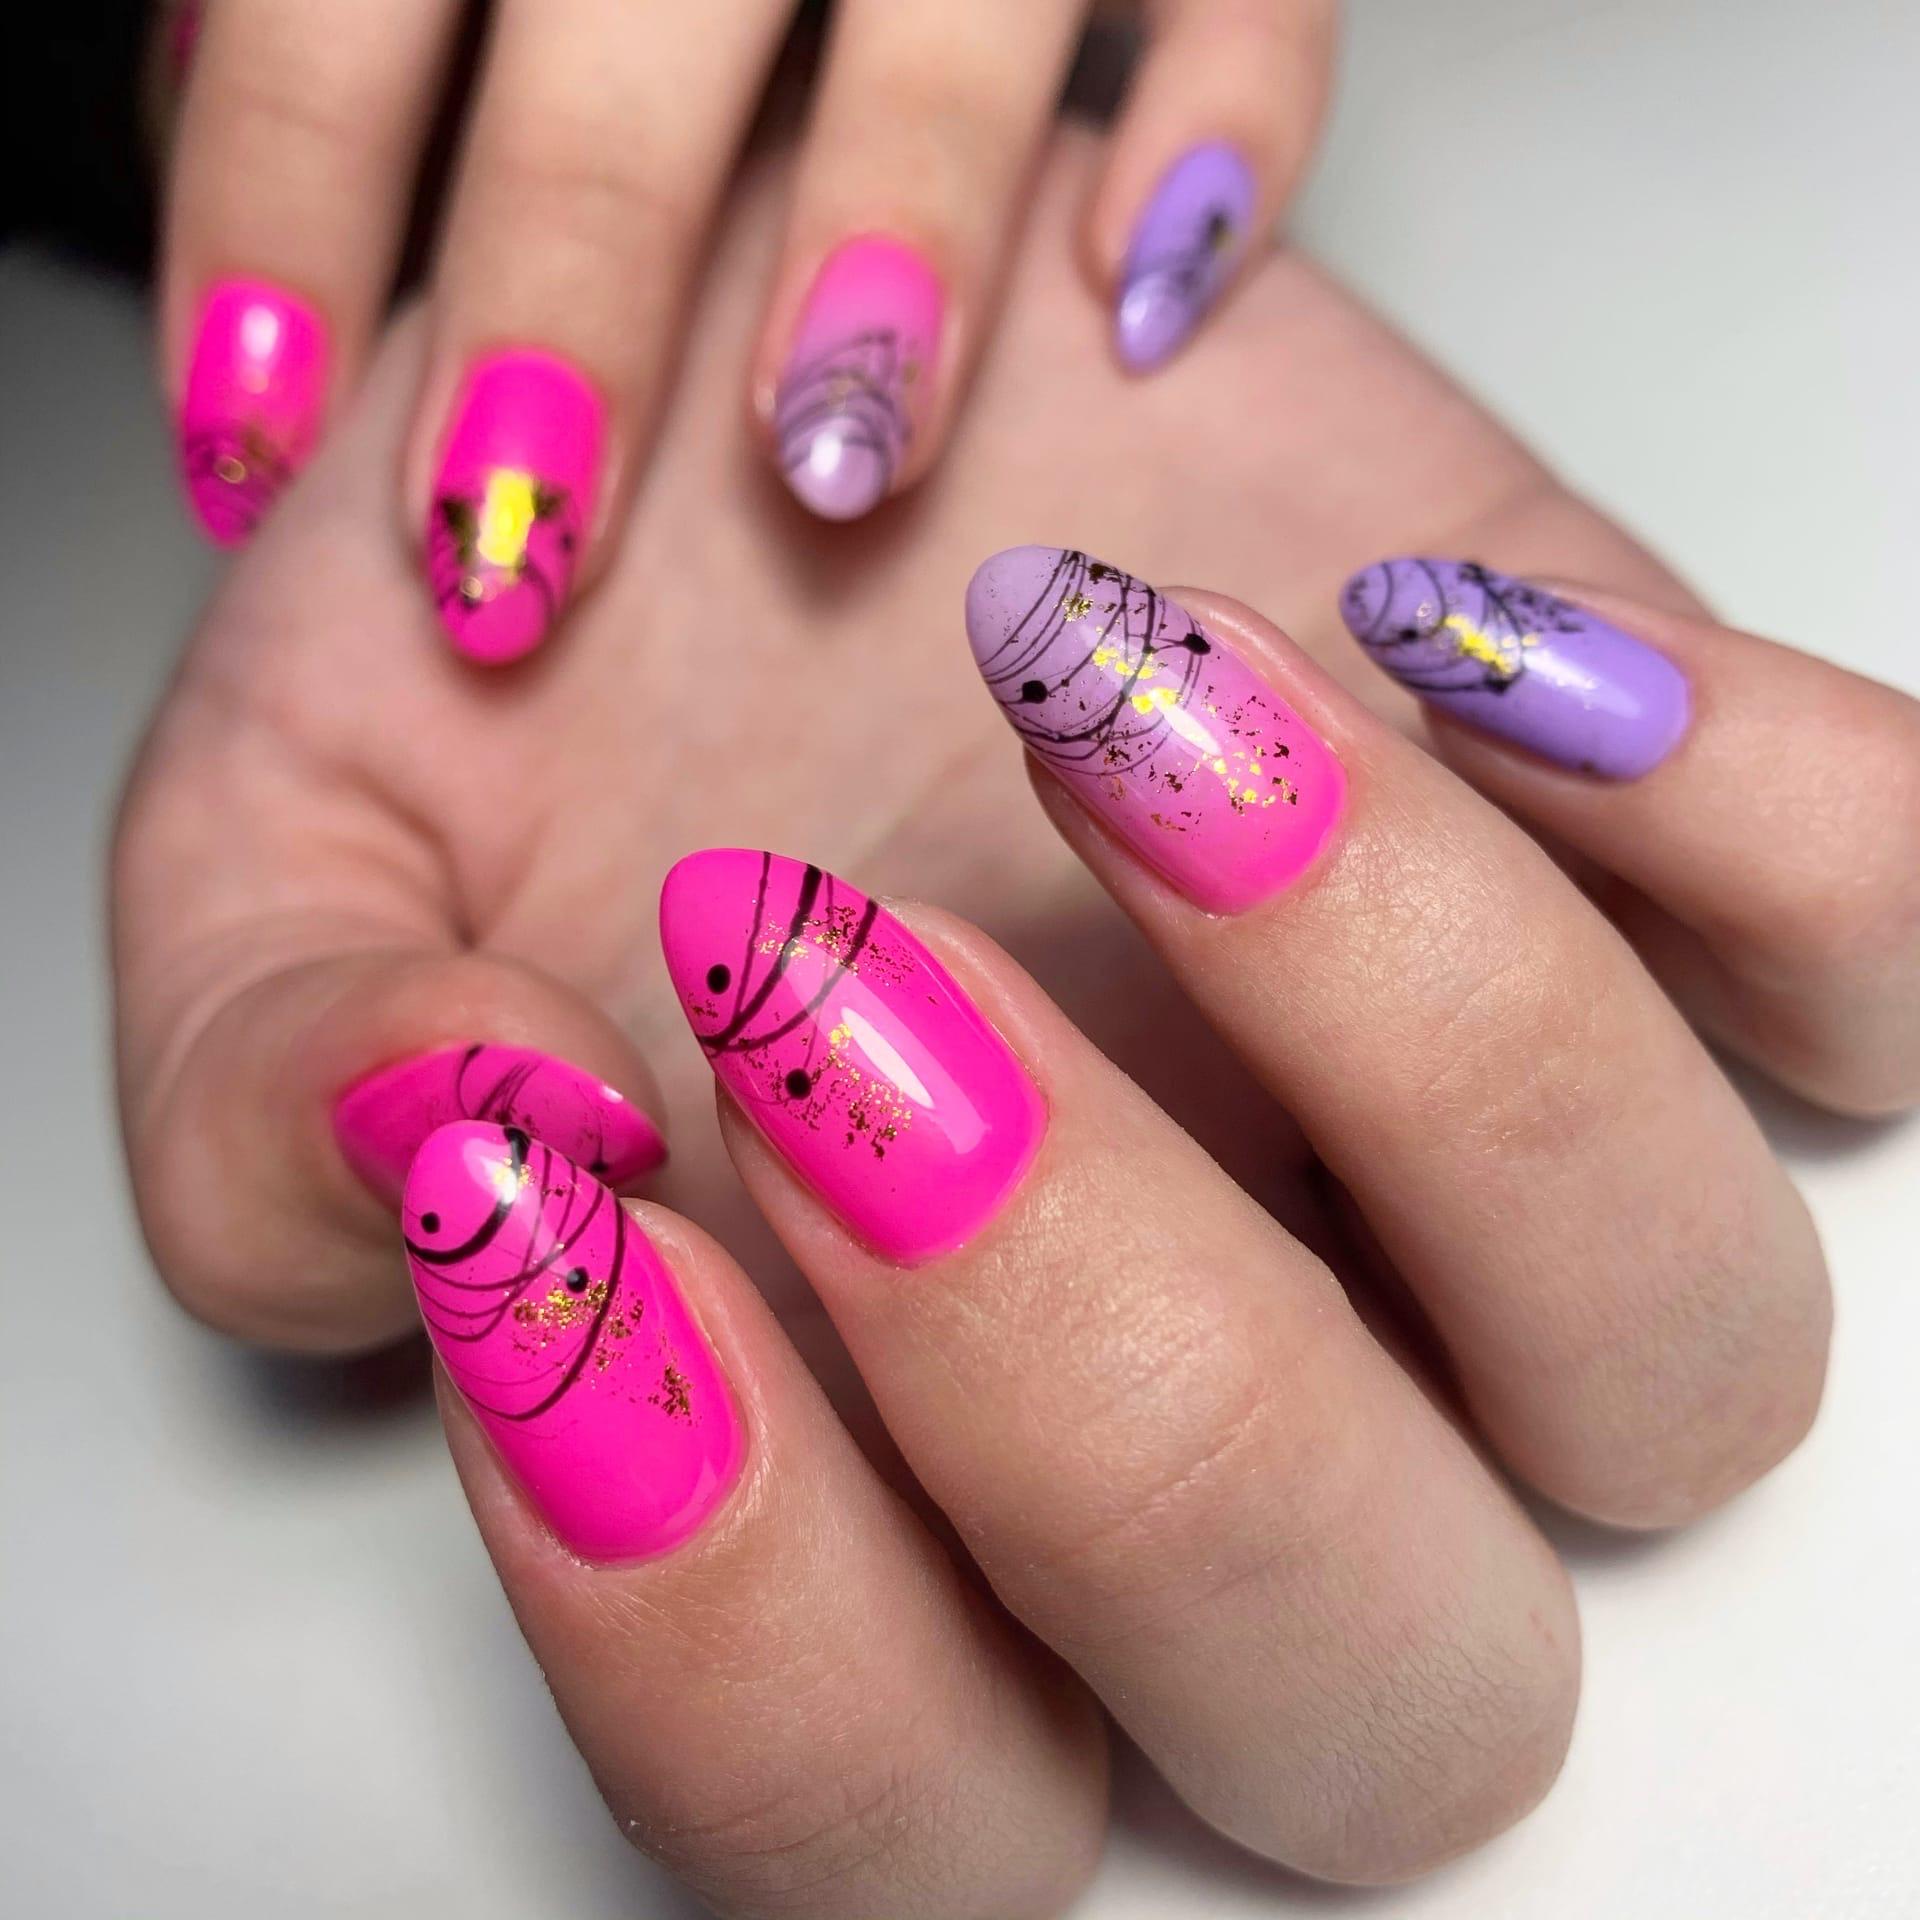 Маникюр с градиентом, паутинкой и золотой фольгой в розовом цвете на длдинные ногти.